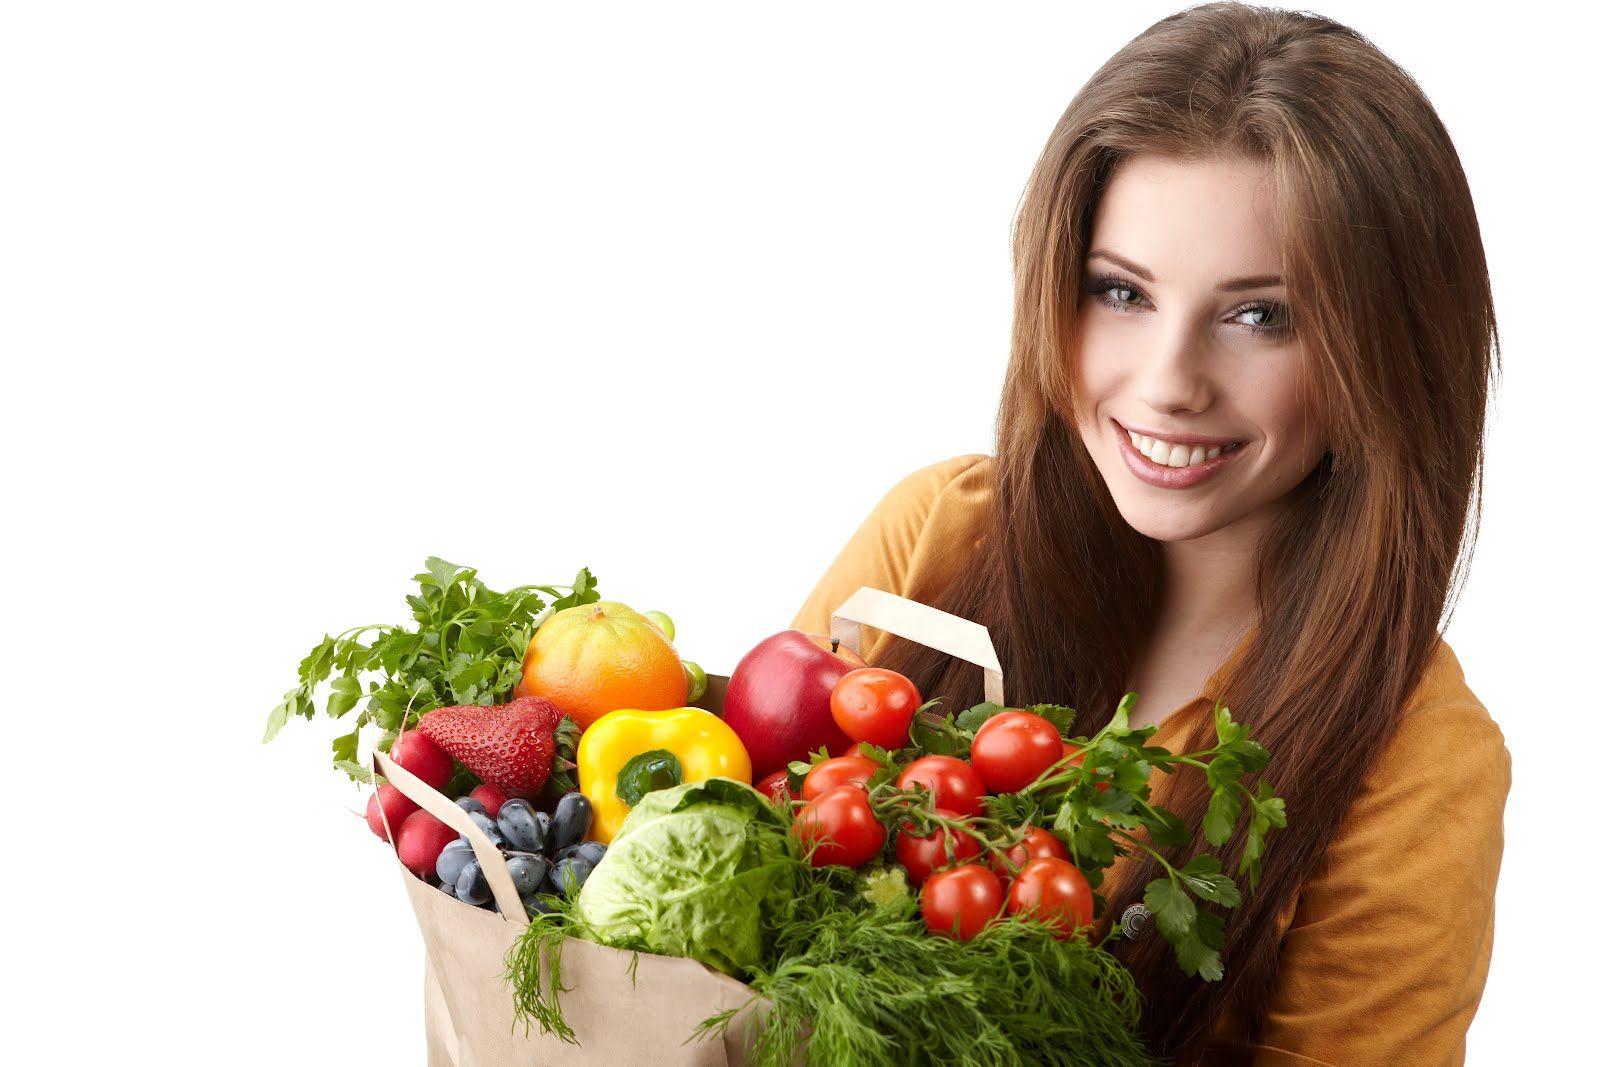 Explicația fascinantă pentru cele cinci porții de fructe și legume recomandate zilnic